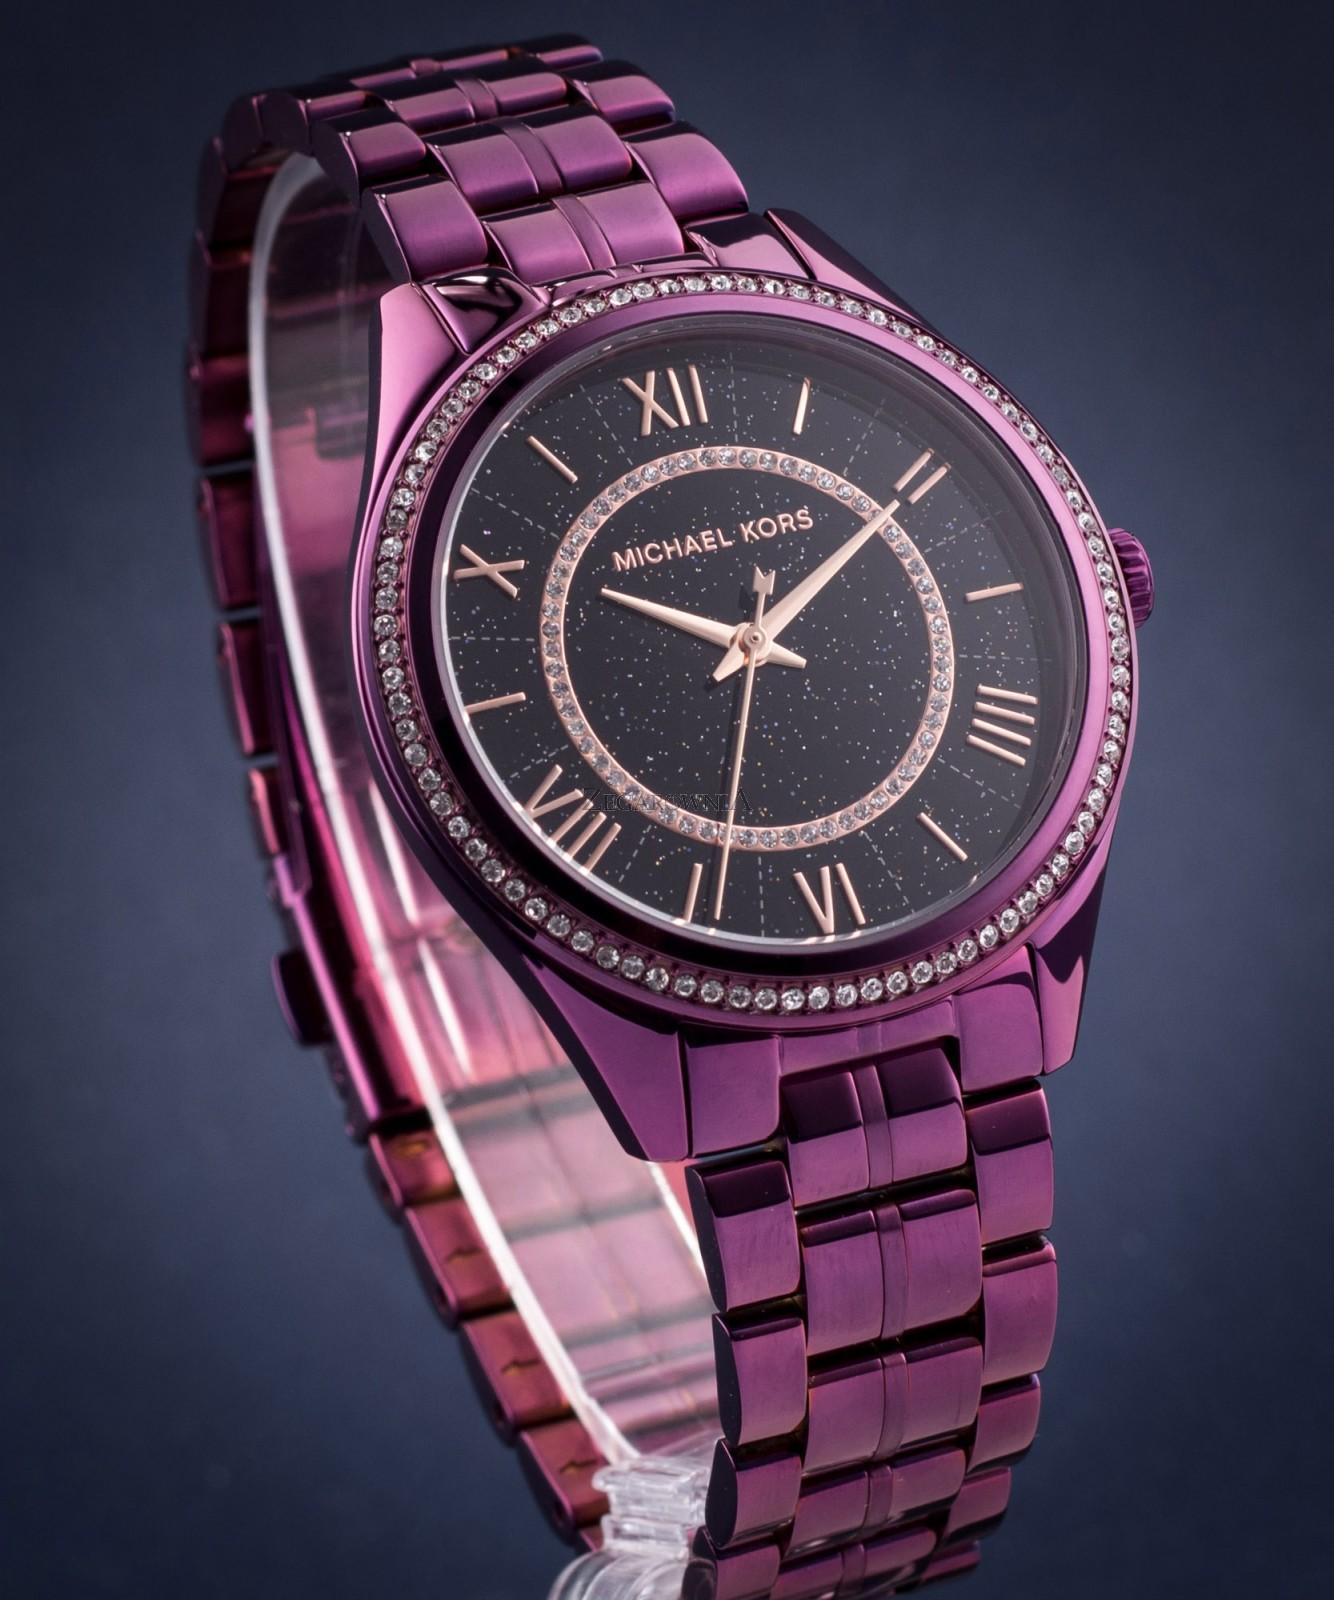 Đồng hồ Nữ Michael Kors MK3724 bán chạy